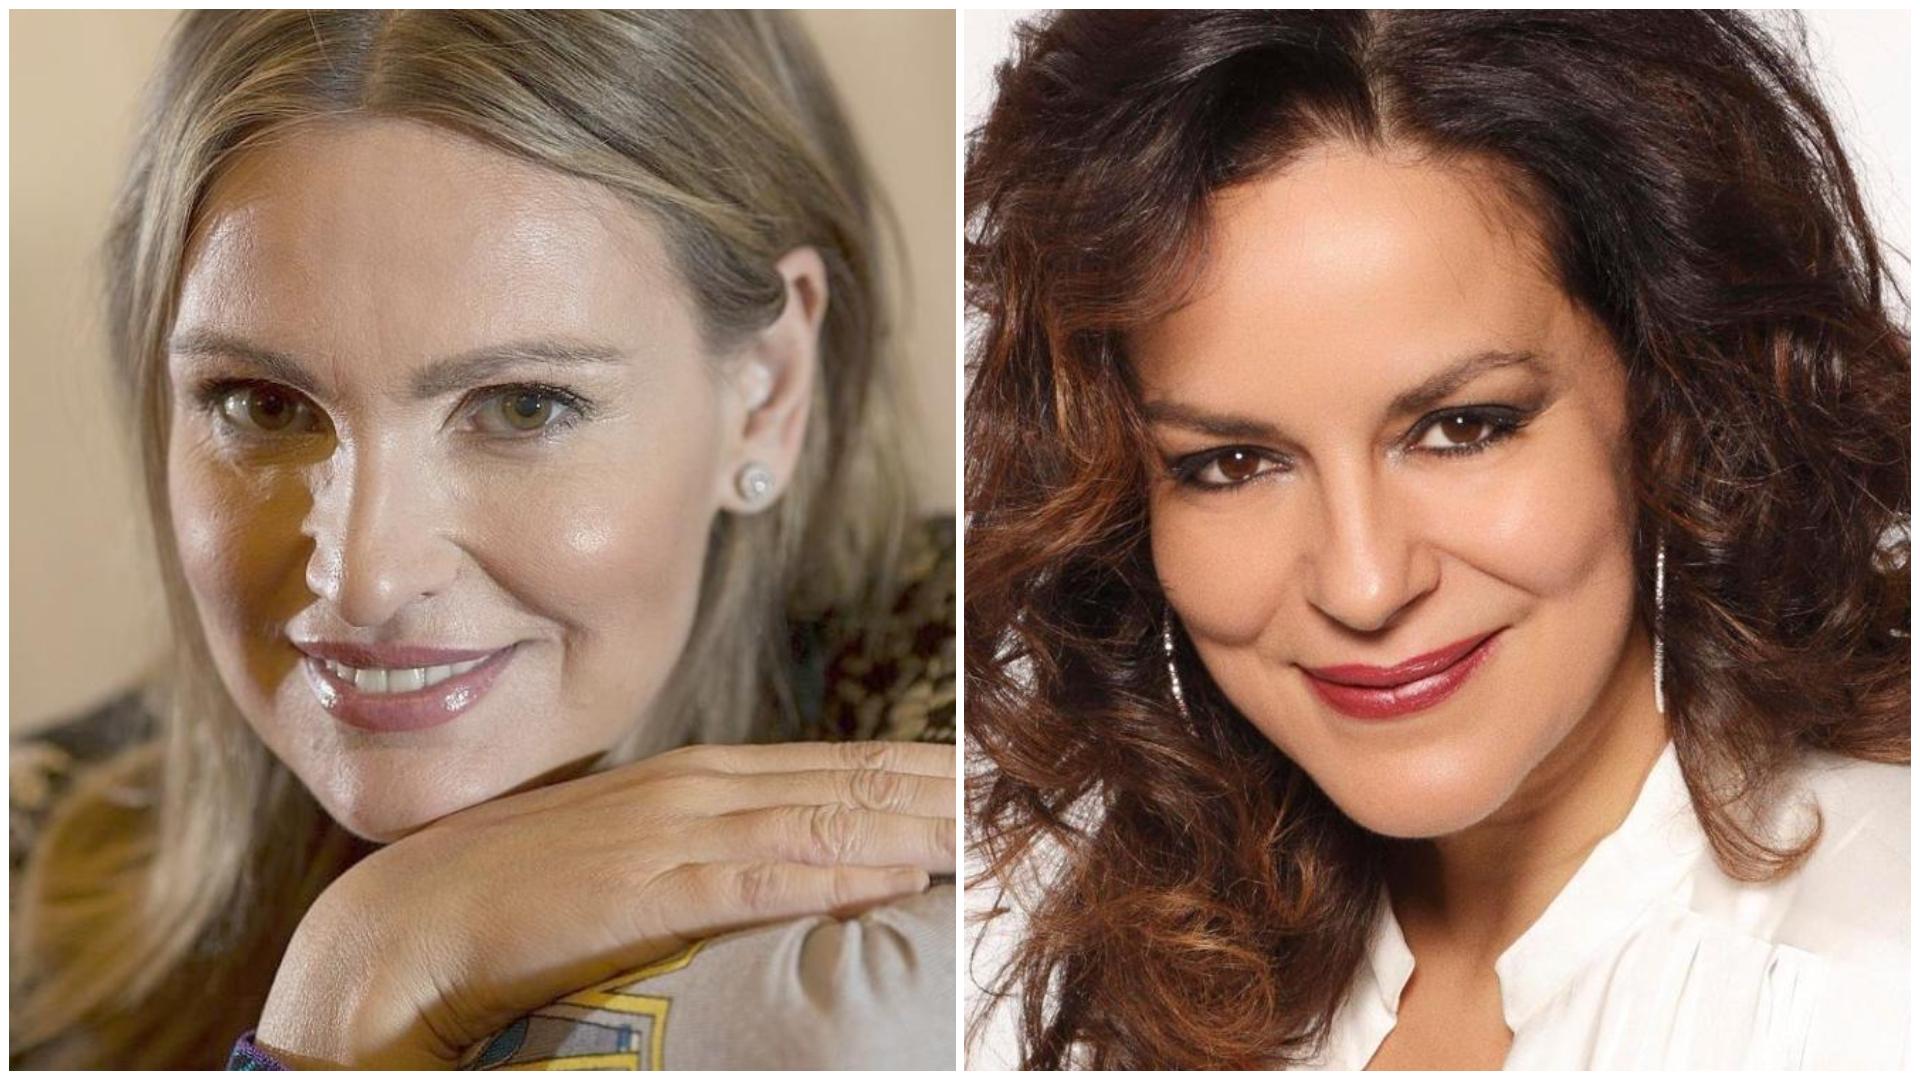 El Teatro de la Maestranza reúne las voces de Ainhoa Arteta y Nancy Fabiola Herrera